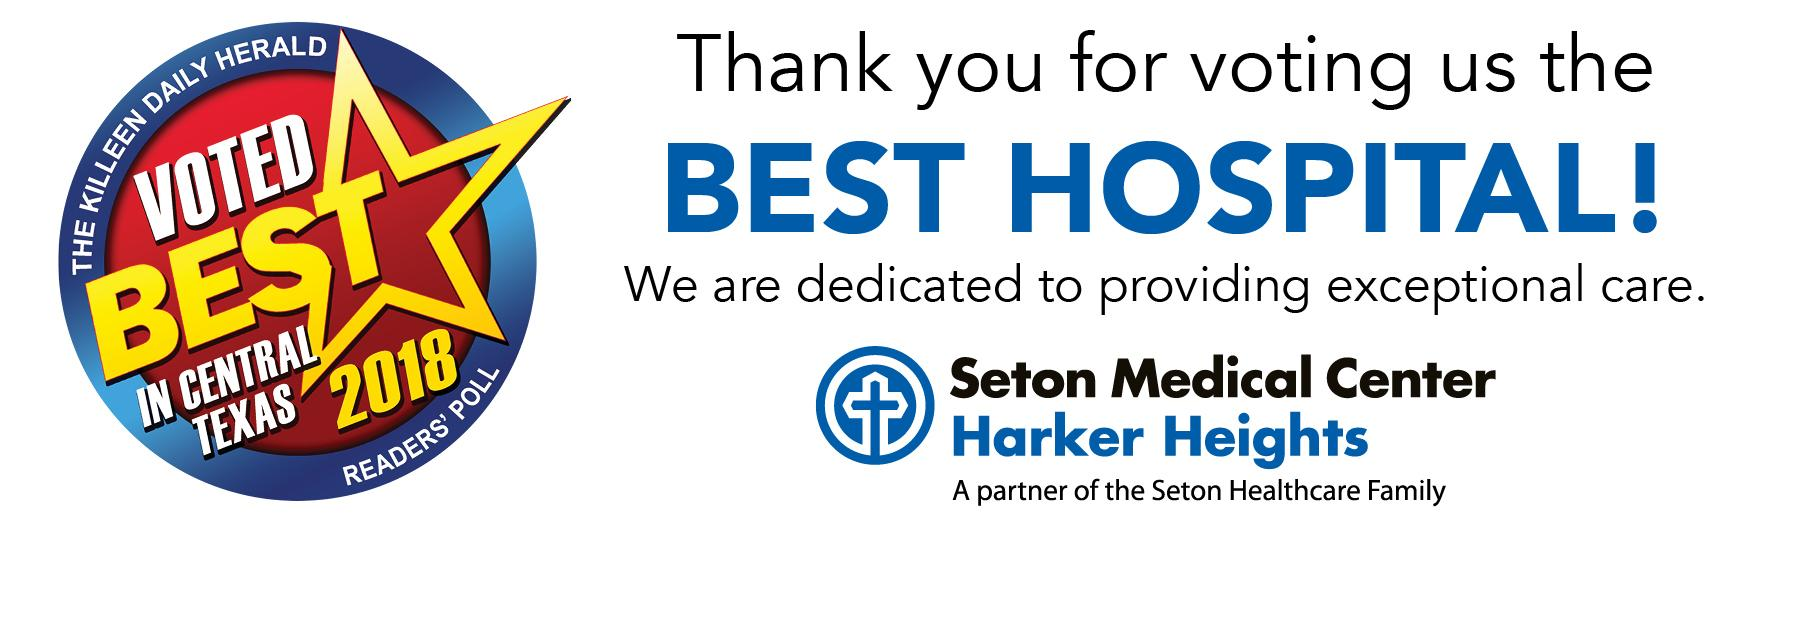 Seton Medical Center Harker Heights  